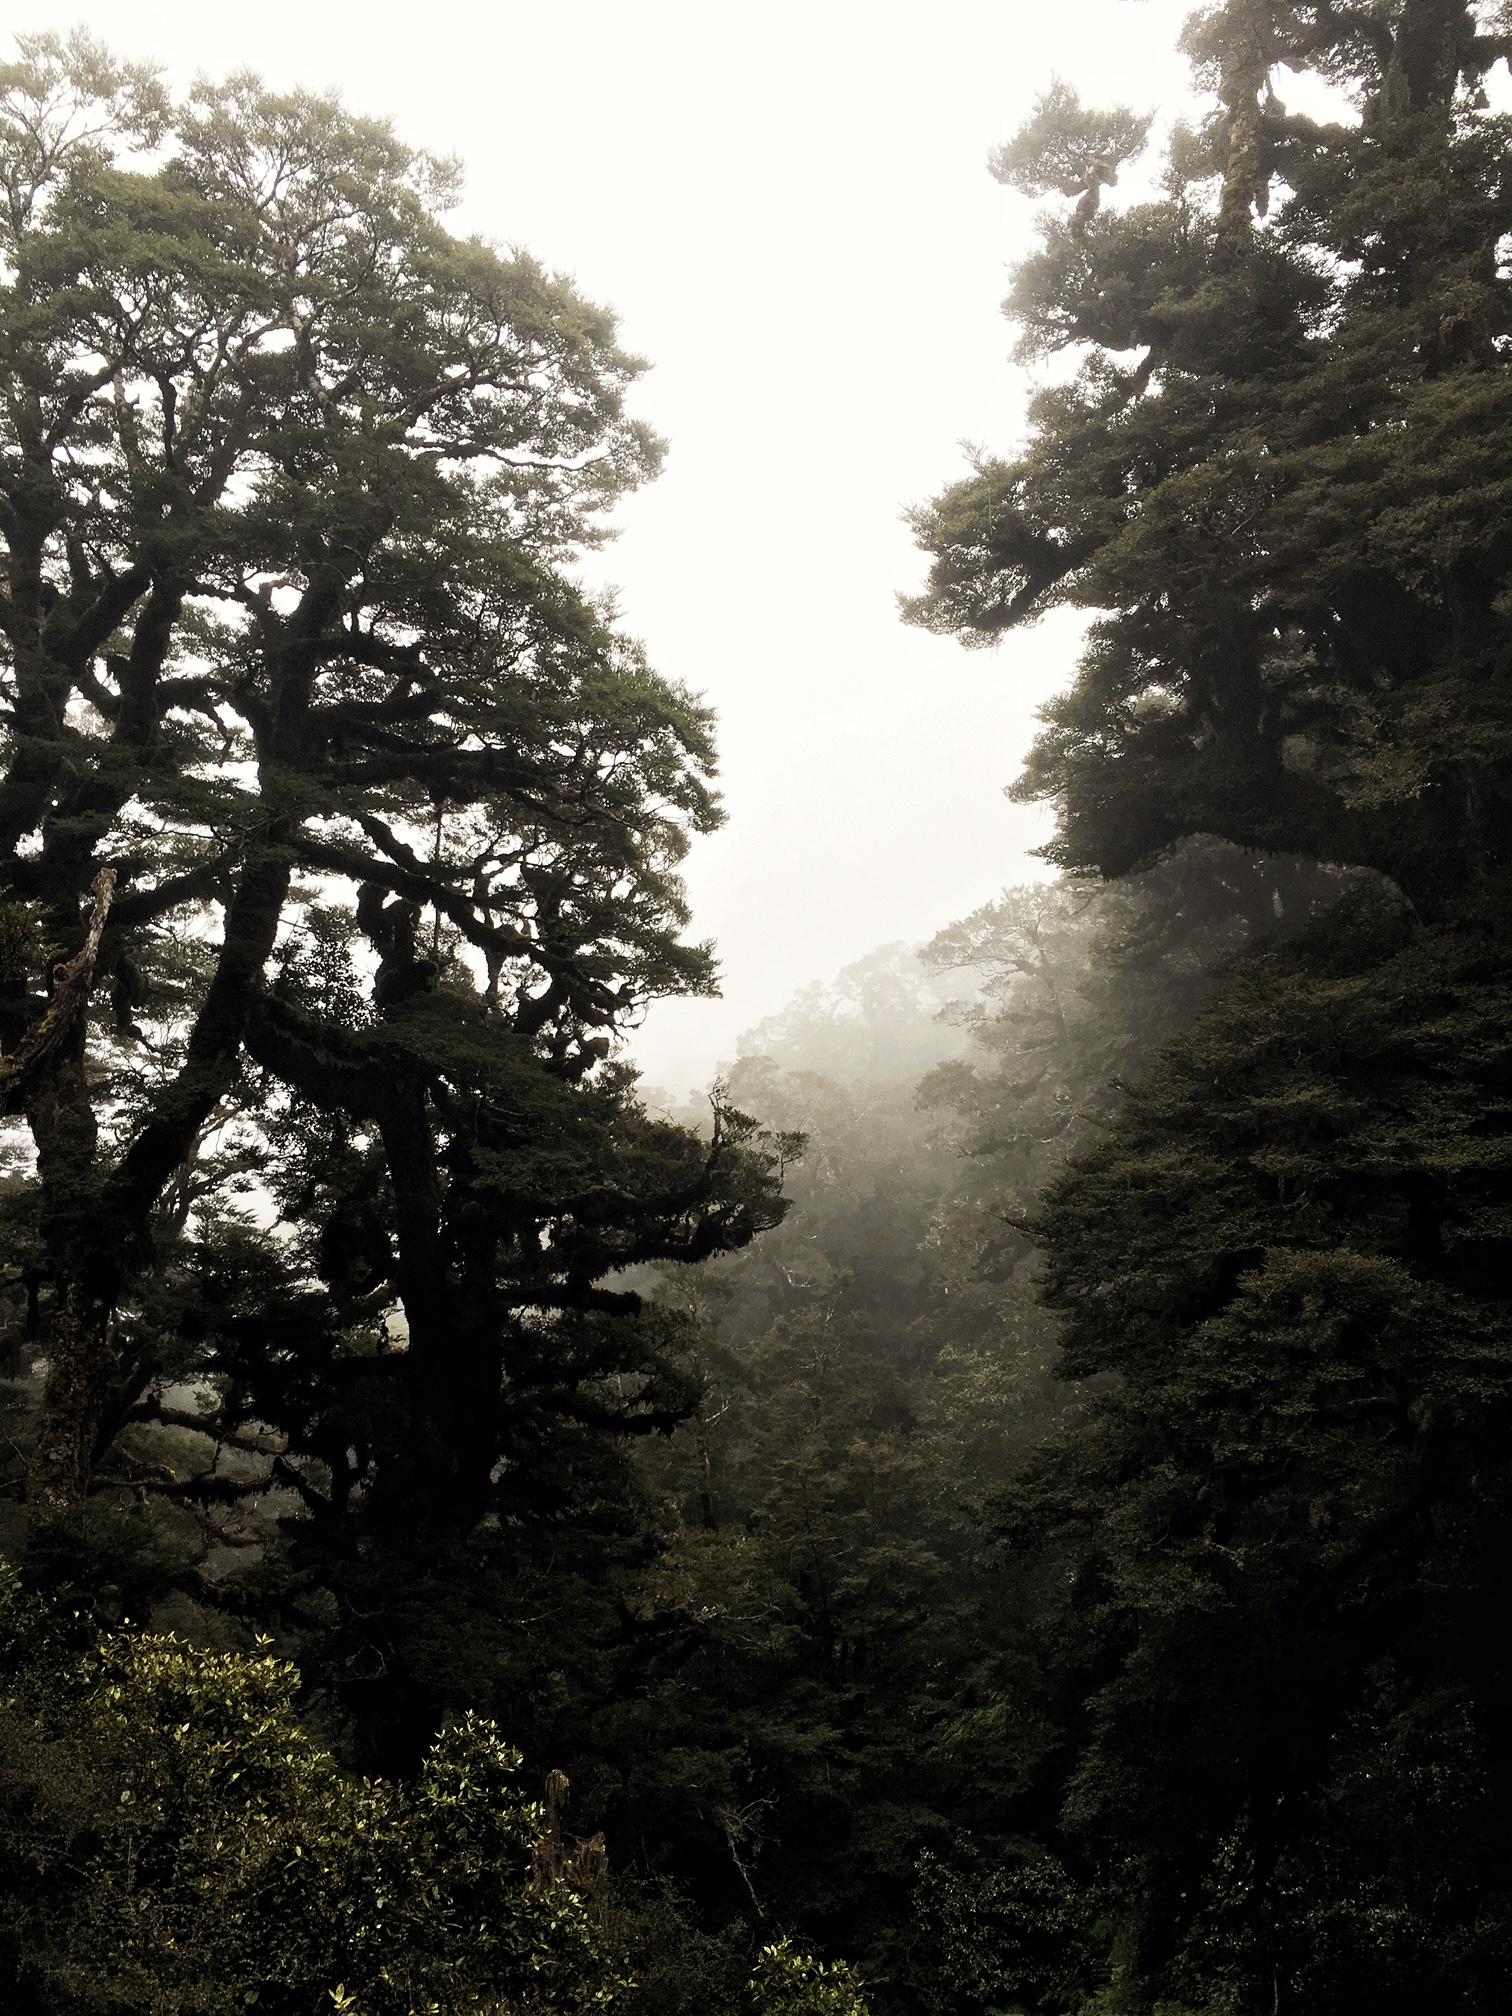 // Mist in the bush